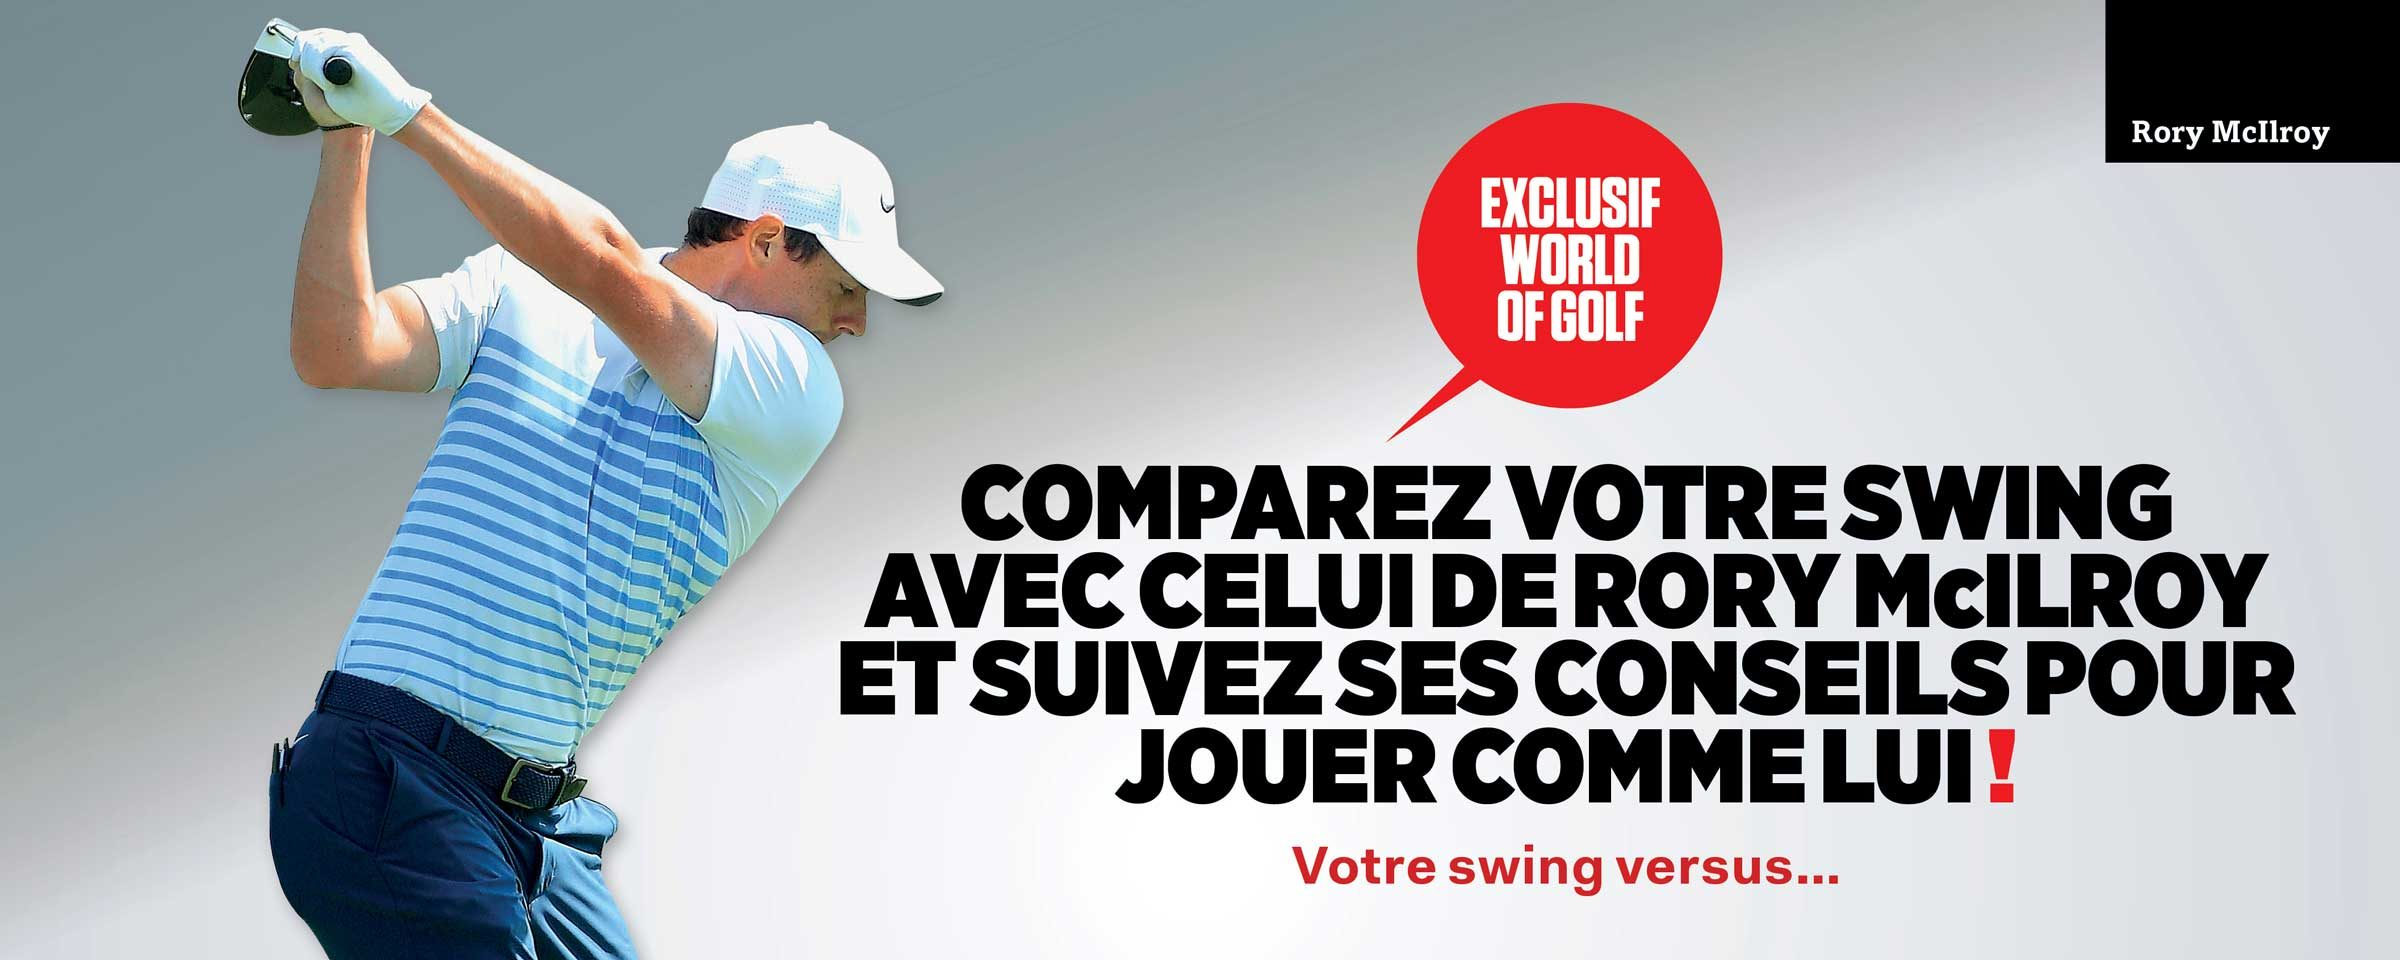 Comparez votre swing avec celui de Rory McIlroy et suivez sesconseils pour jouer comme lui !